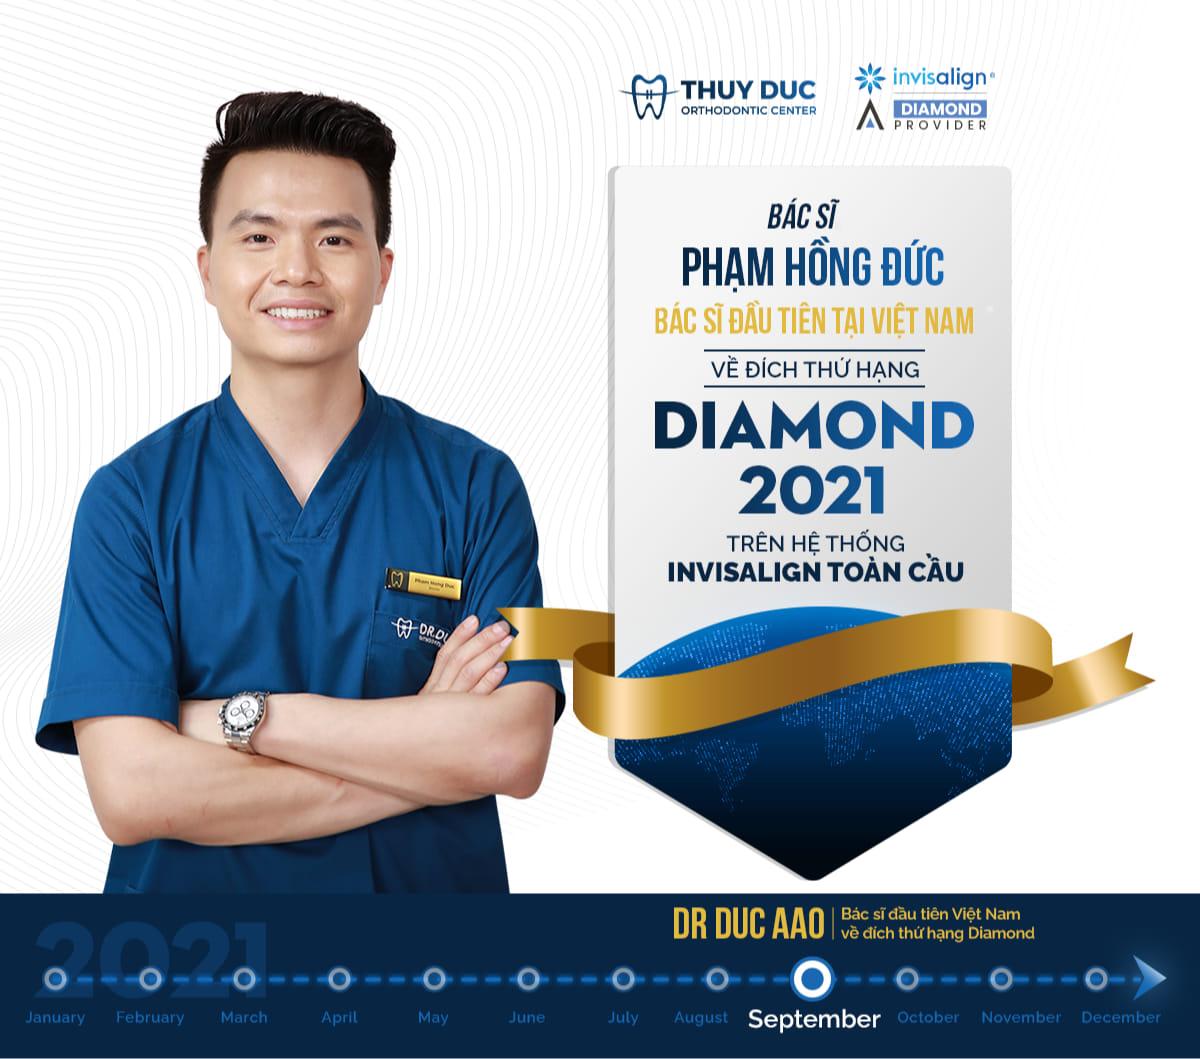 Bác sĩ Phạm Hồng Đức được hãng Invisalign công bố là bác sĩ đầu tiên của Việt Nam đạt thứ hạng Diamond 2021 1